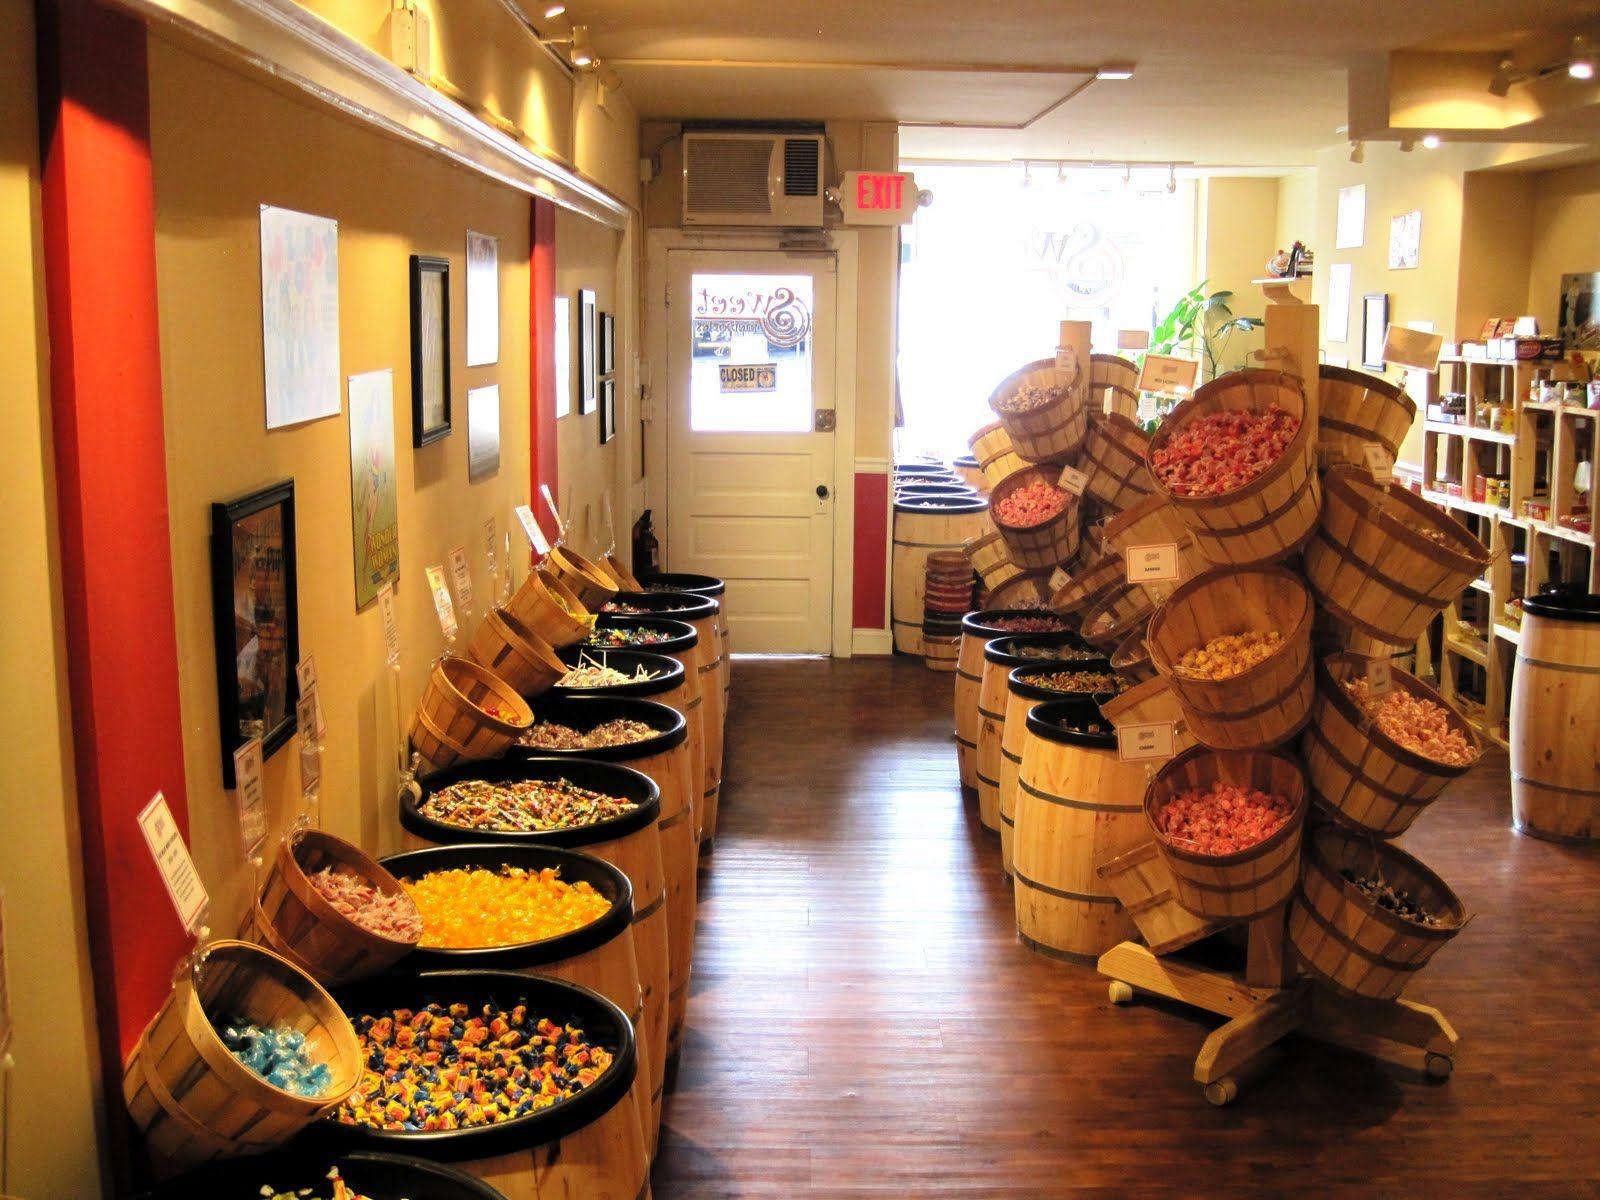 Store Candy Display Barrels